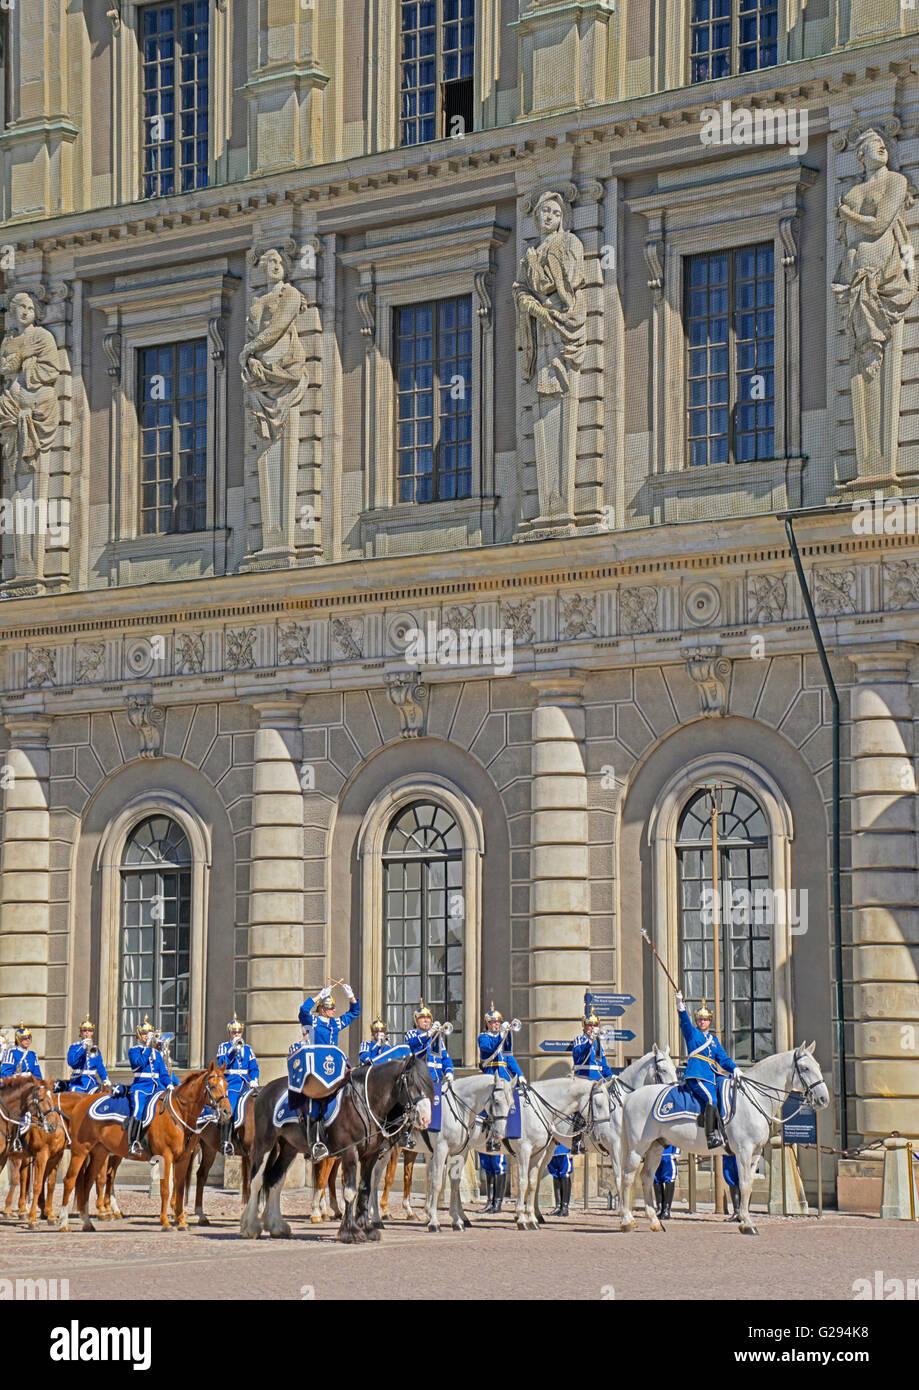 Cambio della guardia al Palazzo Reale di Stoccolma, Svezia. Immagini Stock